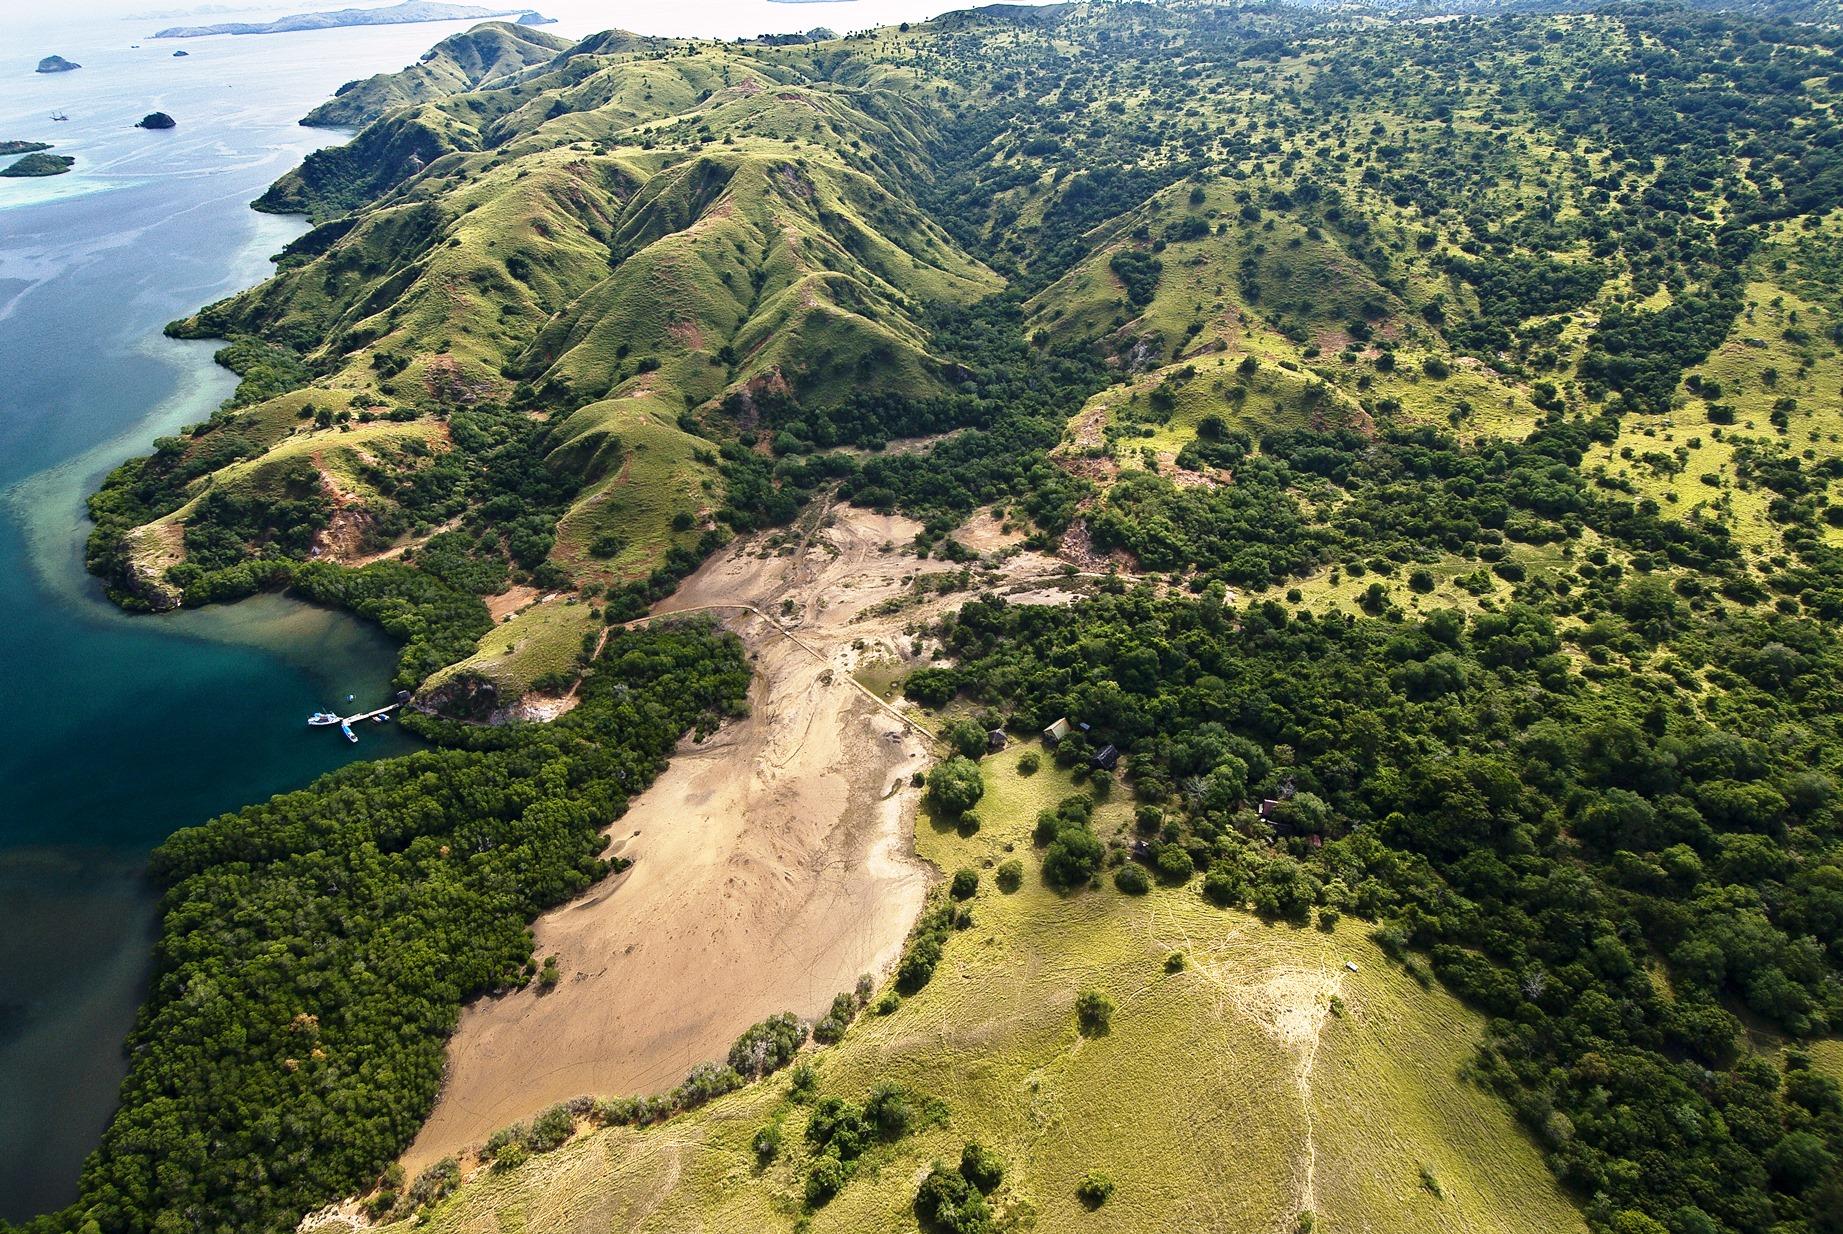 リンチャ島のハイキング・トレイルの空撮写真(4日目)